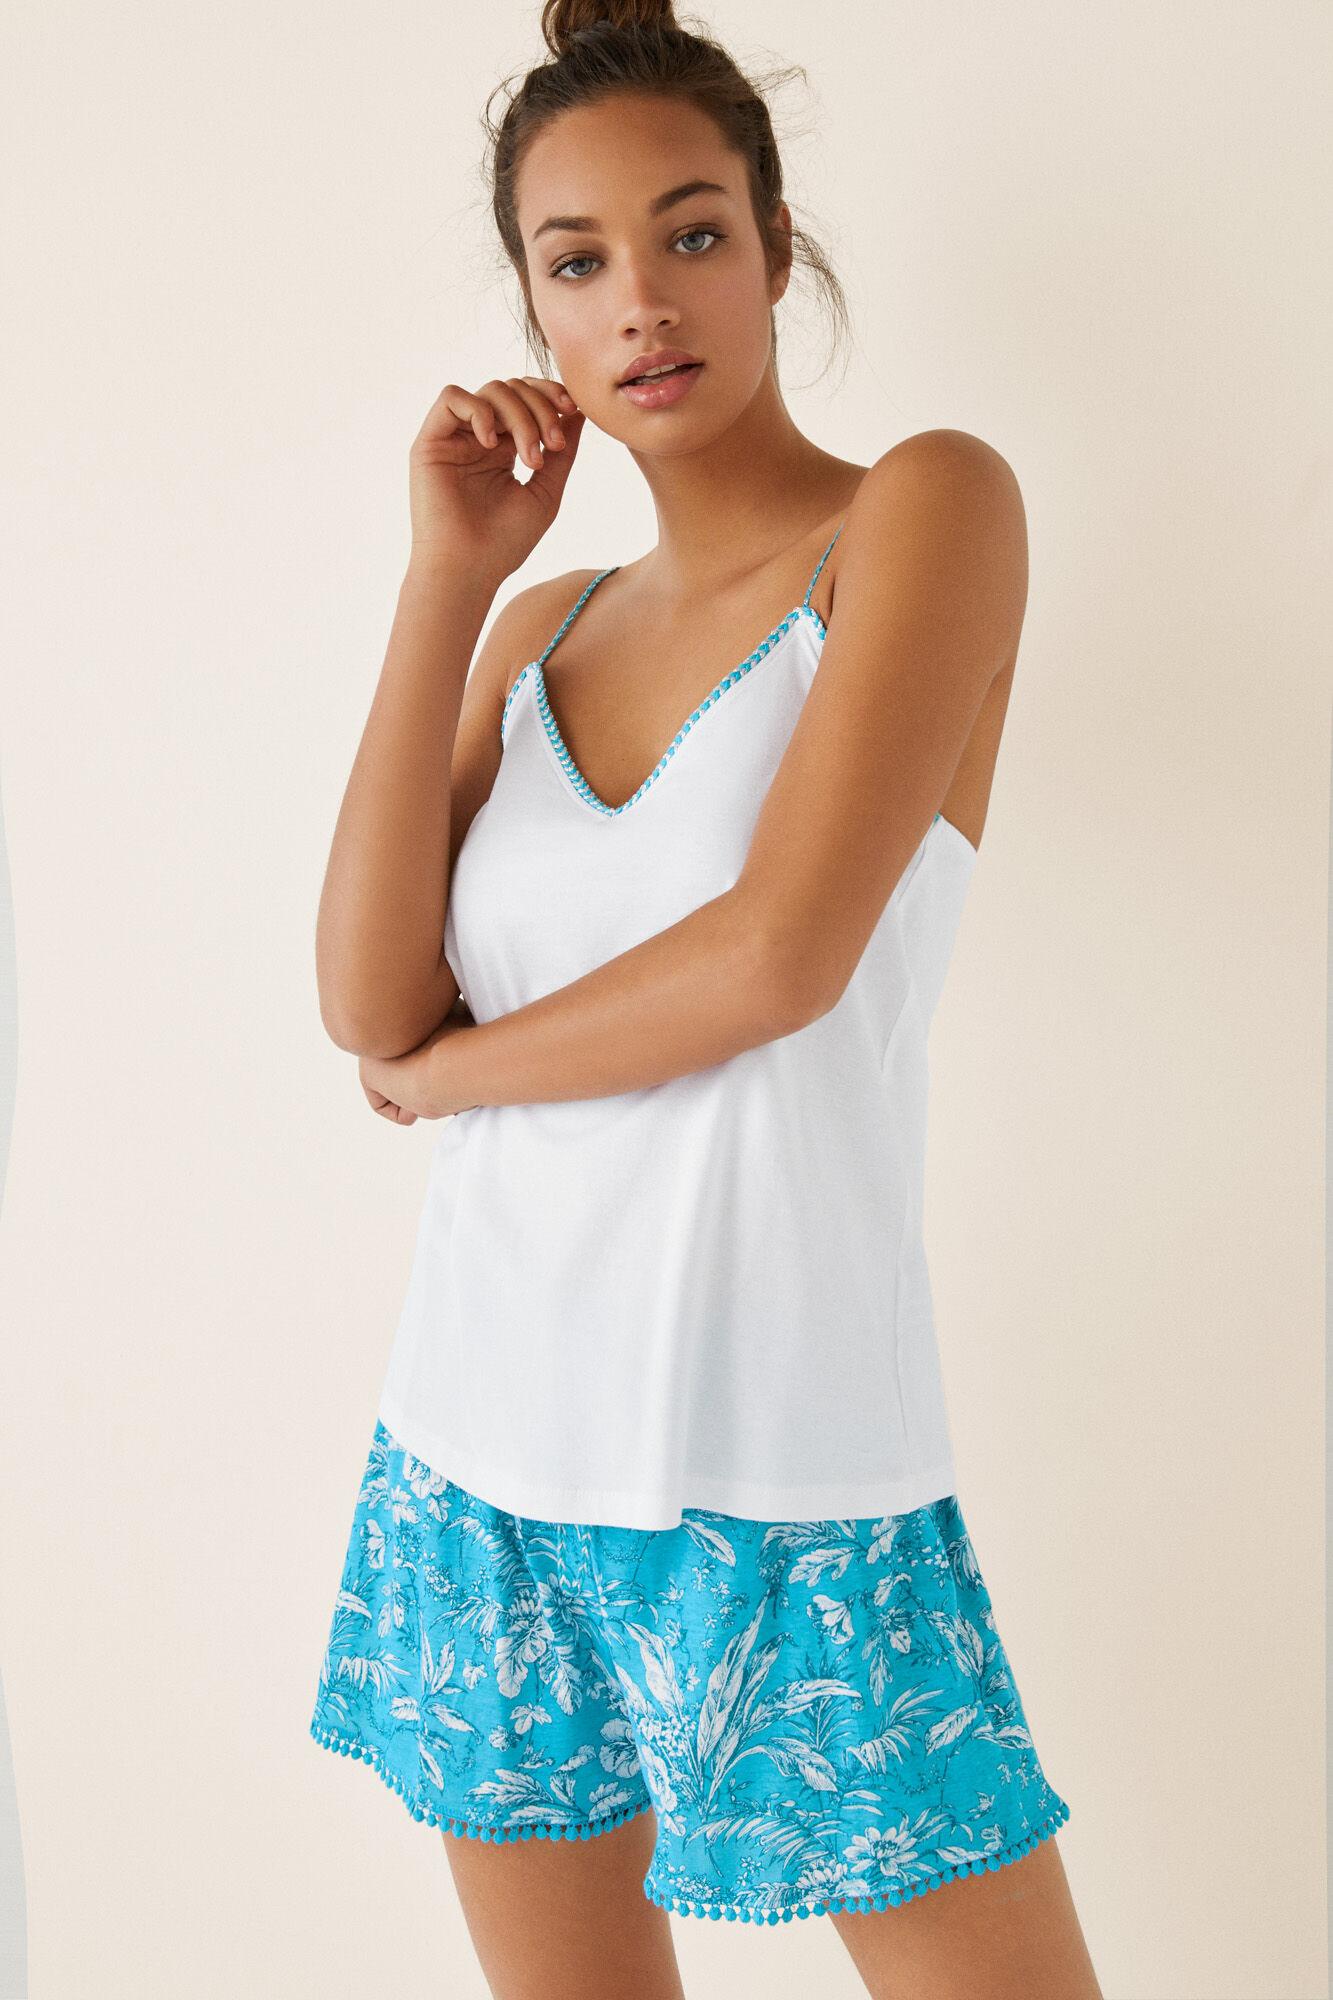 ecae79e522a6 Pijama corto tropical | Pijamas cortos | Women'secret